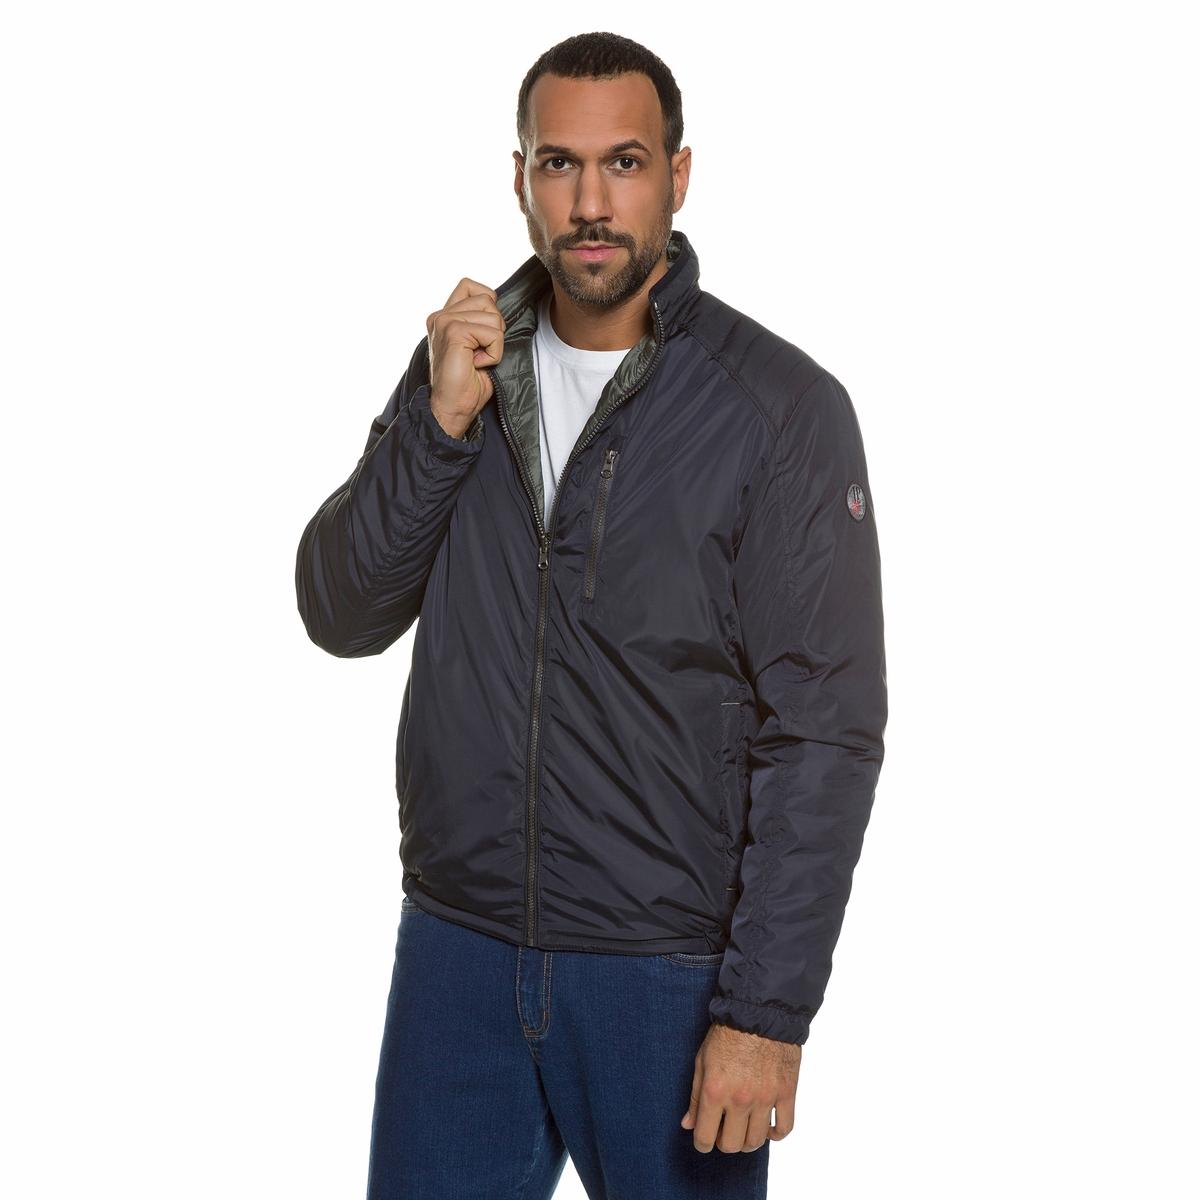 Куртка двусторонняяДвусторонняя куртка JP1880. 100% полиамид.Двусторонняя куртка - 1 сторона гладкая, 1 сторона стеганая.Спортивный стиль, прямой воротник, застежка на молнию, 2 кармана на молнии, края на резинке. Длина в зависимости от размера 70-79,5 см<br><br>Цвет: темно-синий<br>Размер: 7XL.XXL